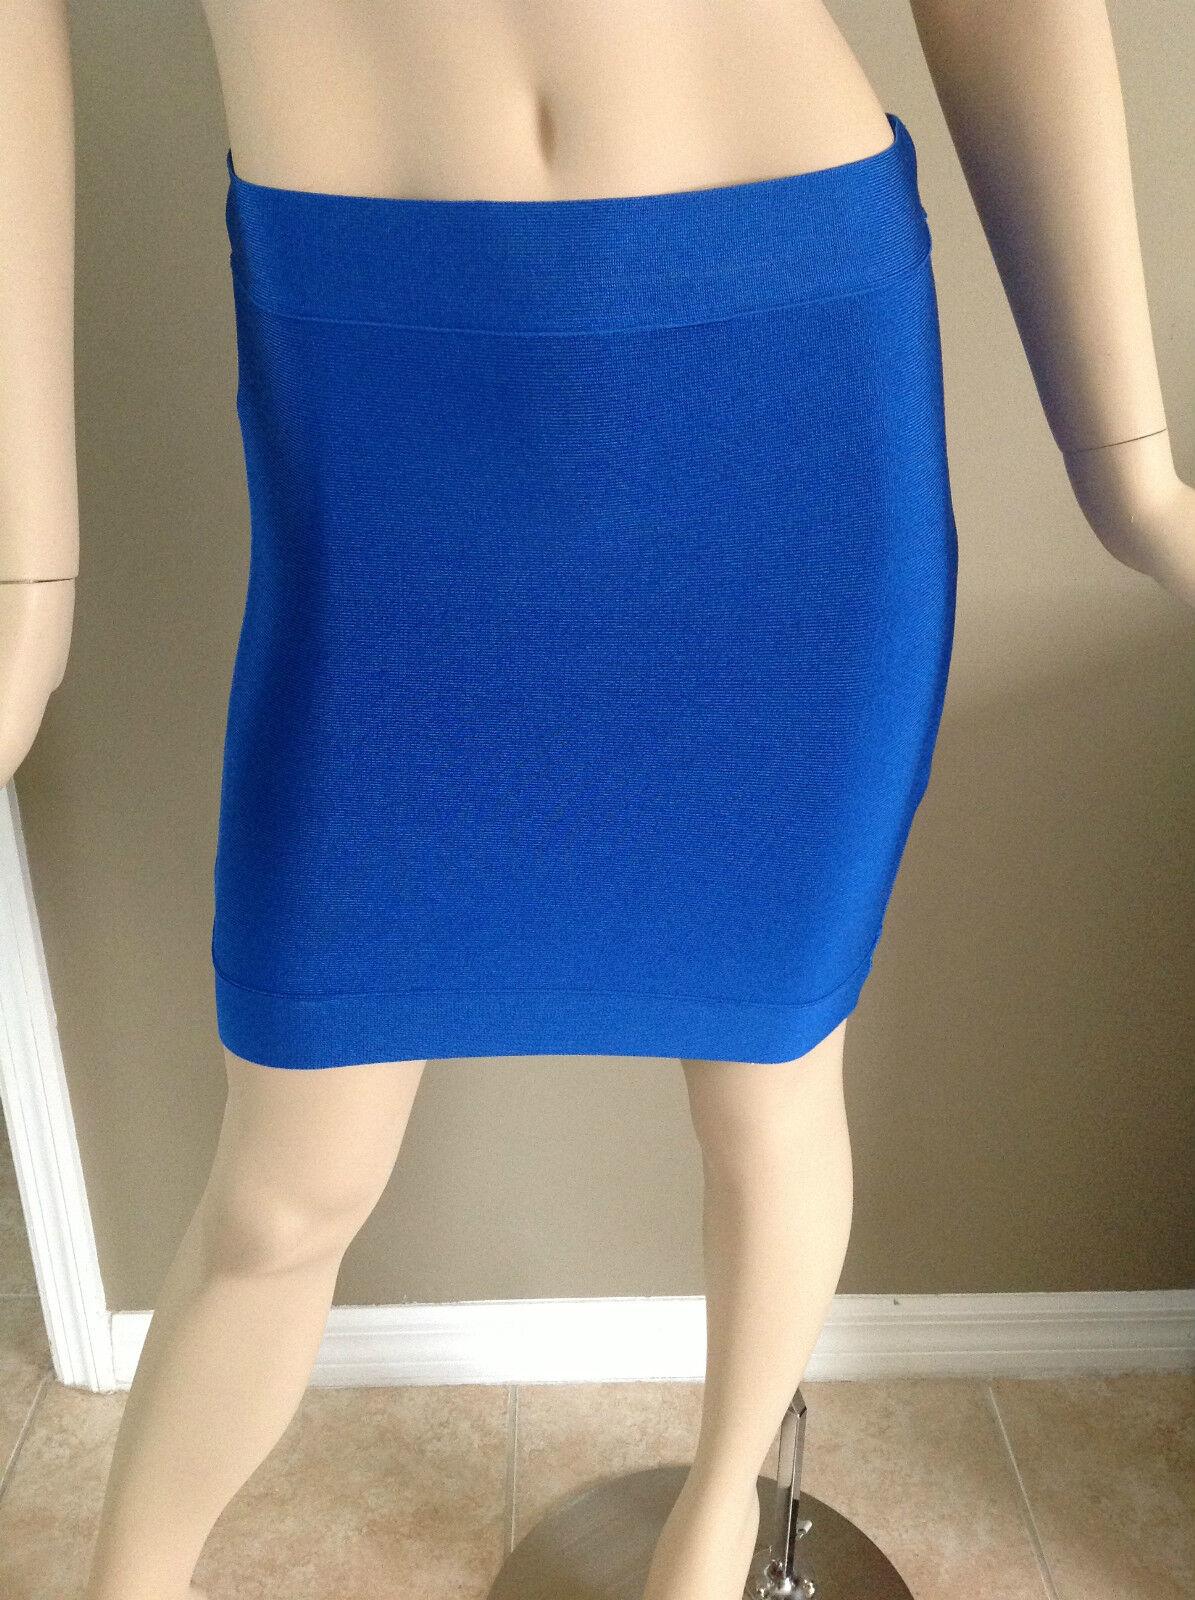 Bcbgmaxazria Power Stretch Mini Skirt Larkspur bluee Size S